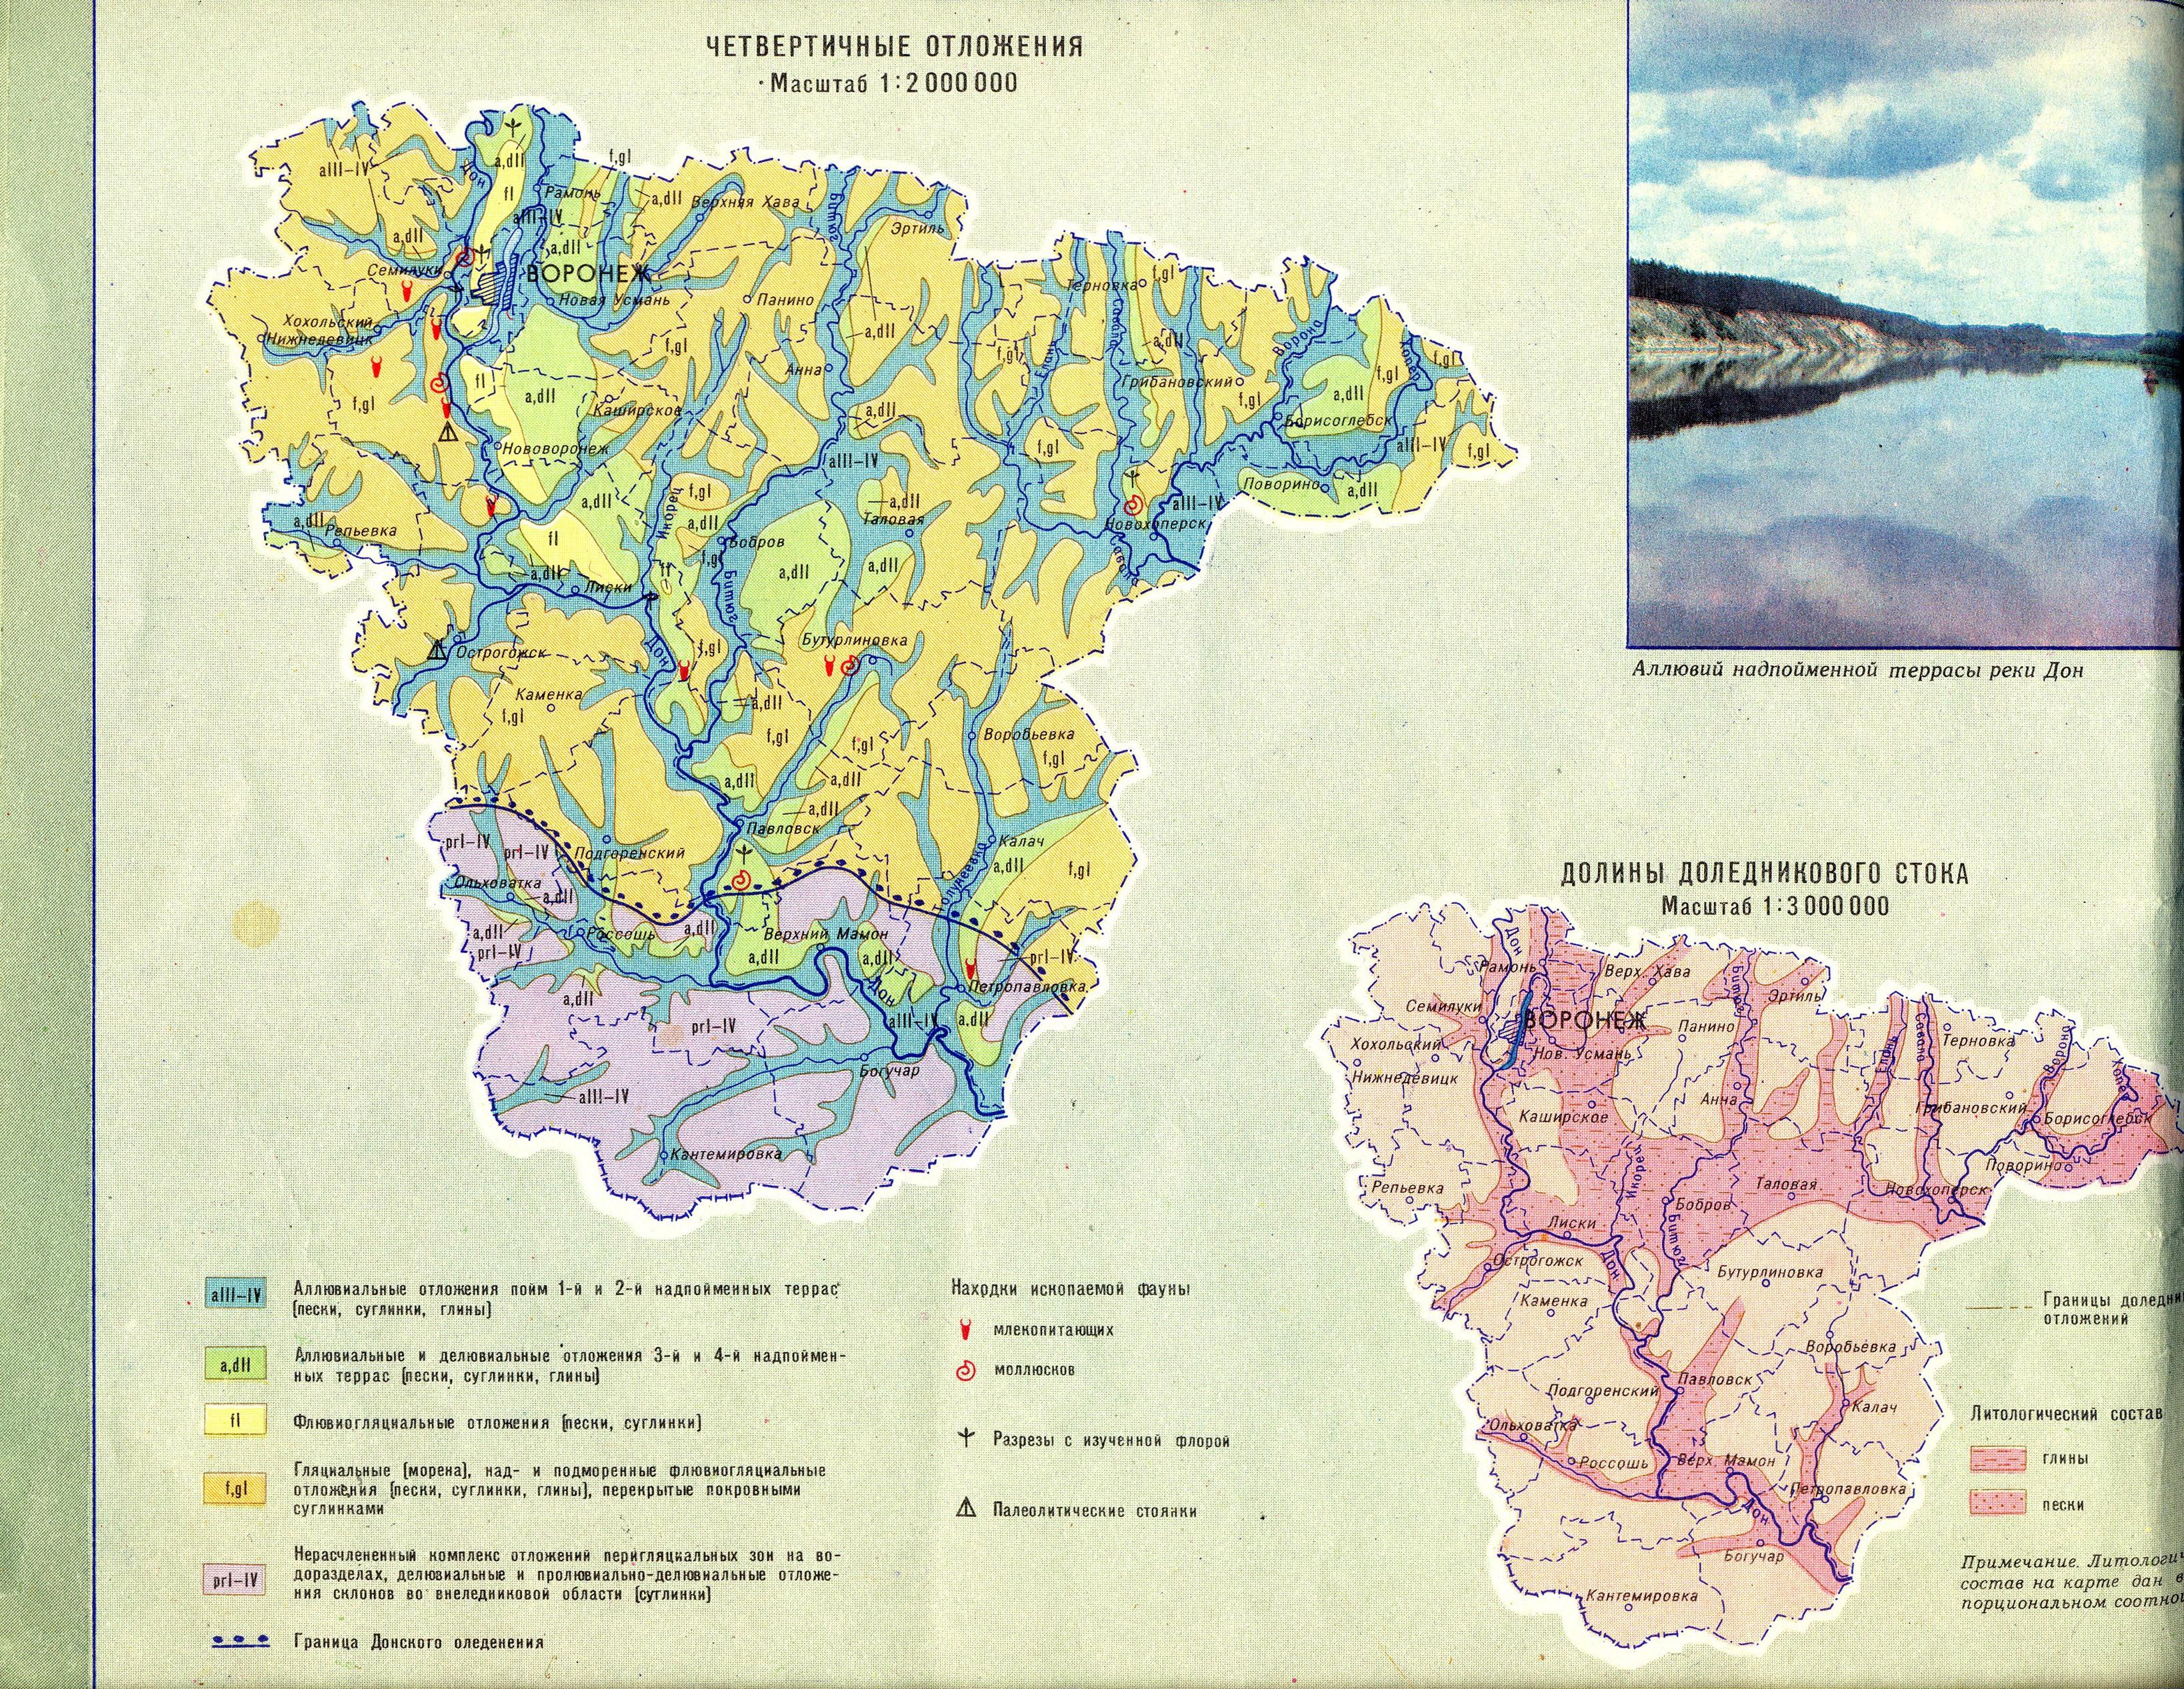 галочки фотографии рельефа воронежской области карта впоследствии